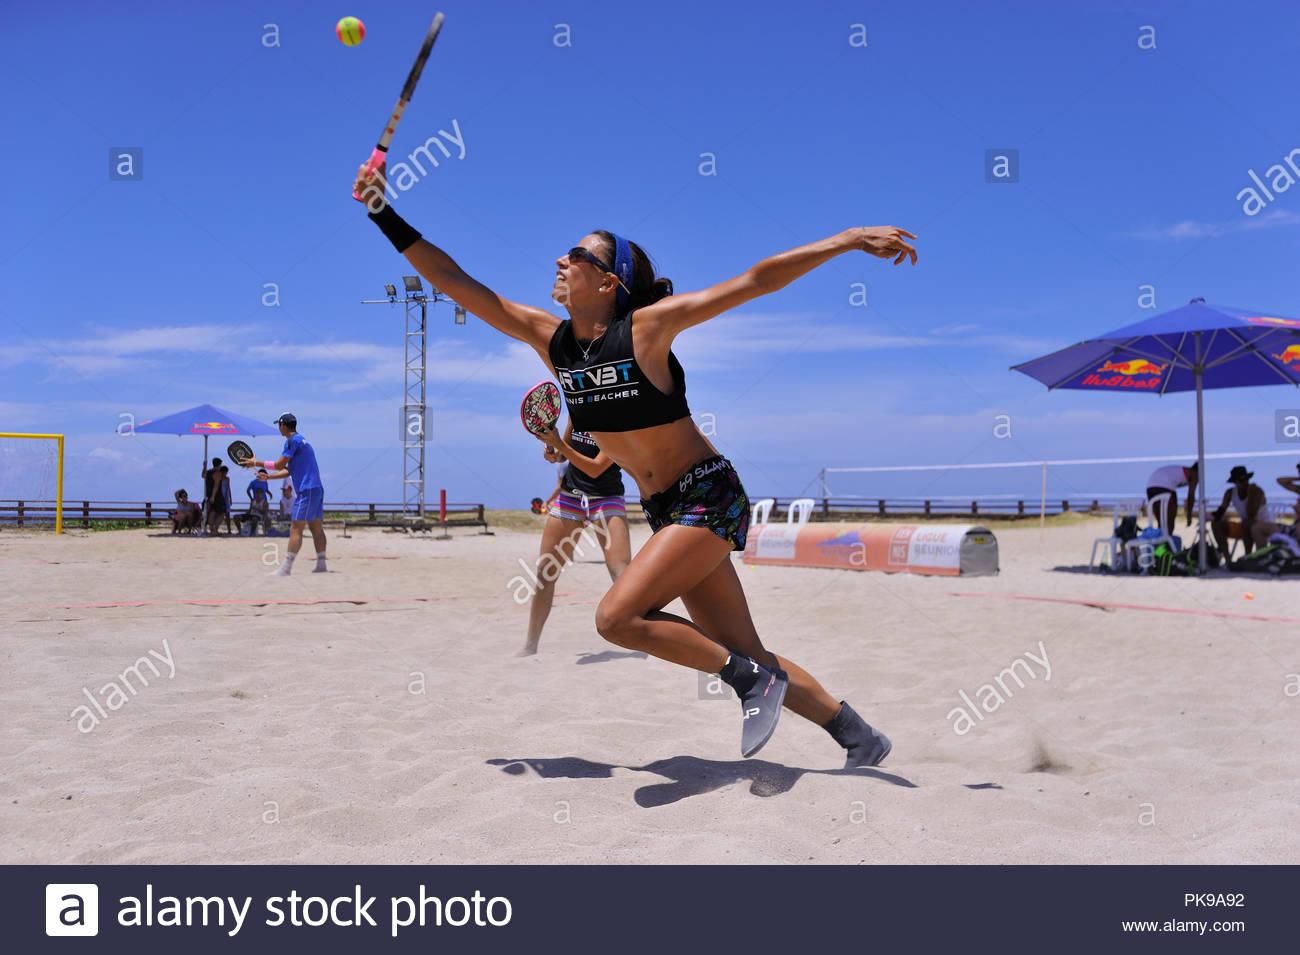 94b8855c2 Tournoi de beach tennis ITF 15000  - La réunion 2017 du CTFC Photo Stock